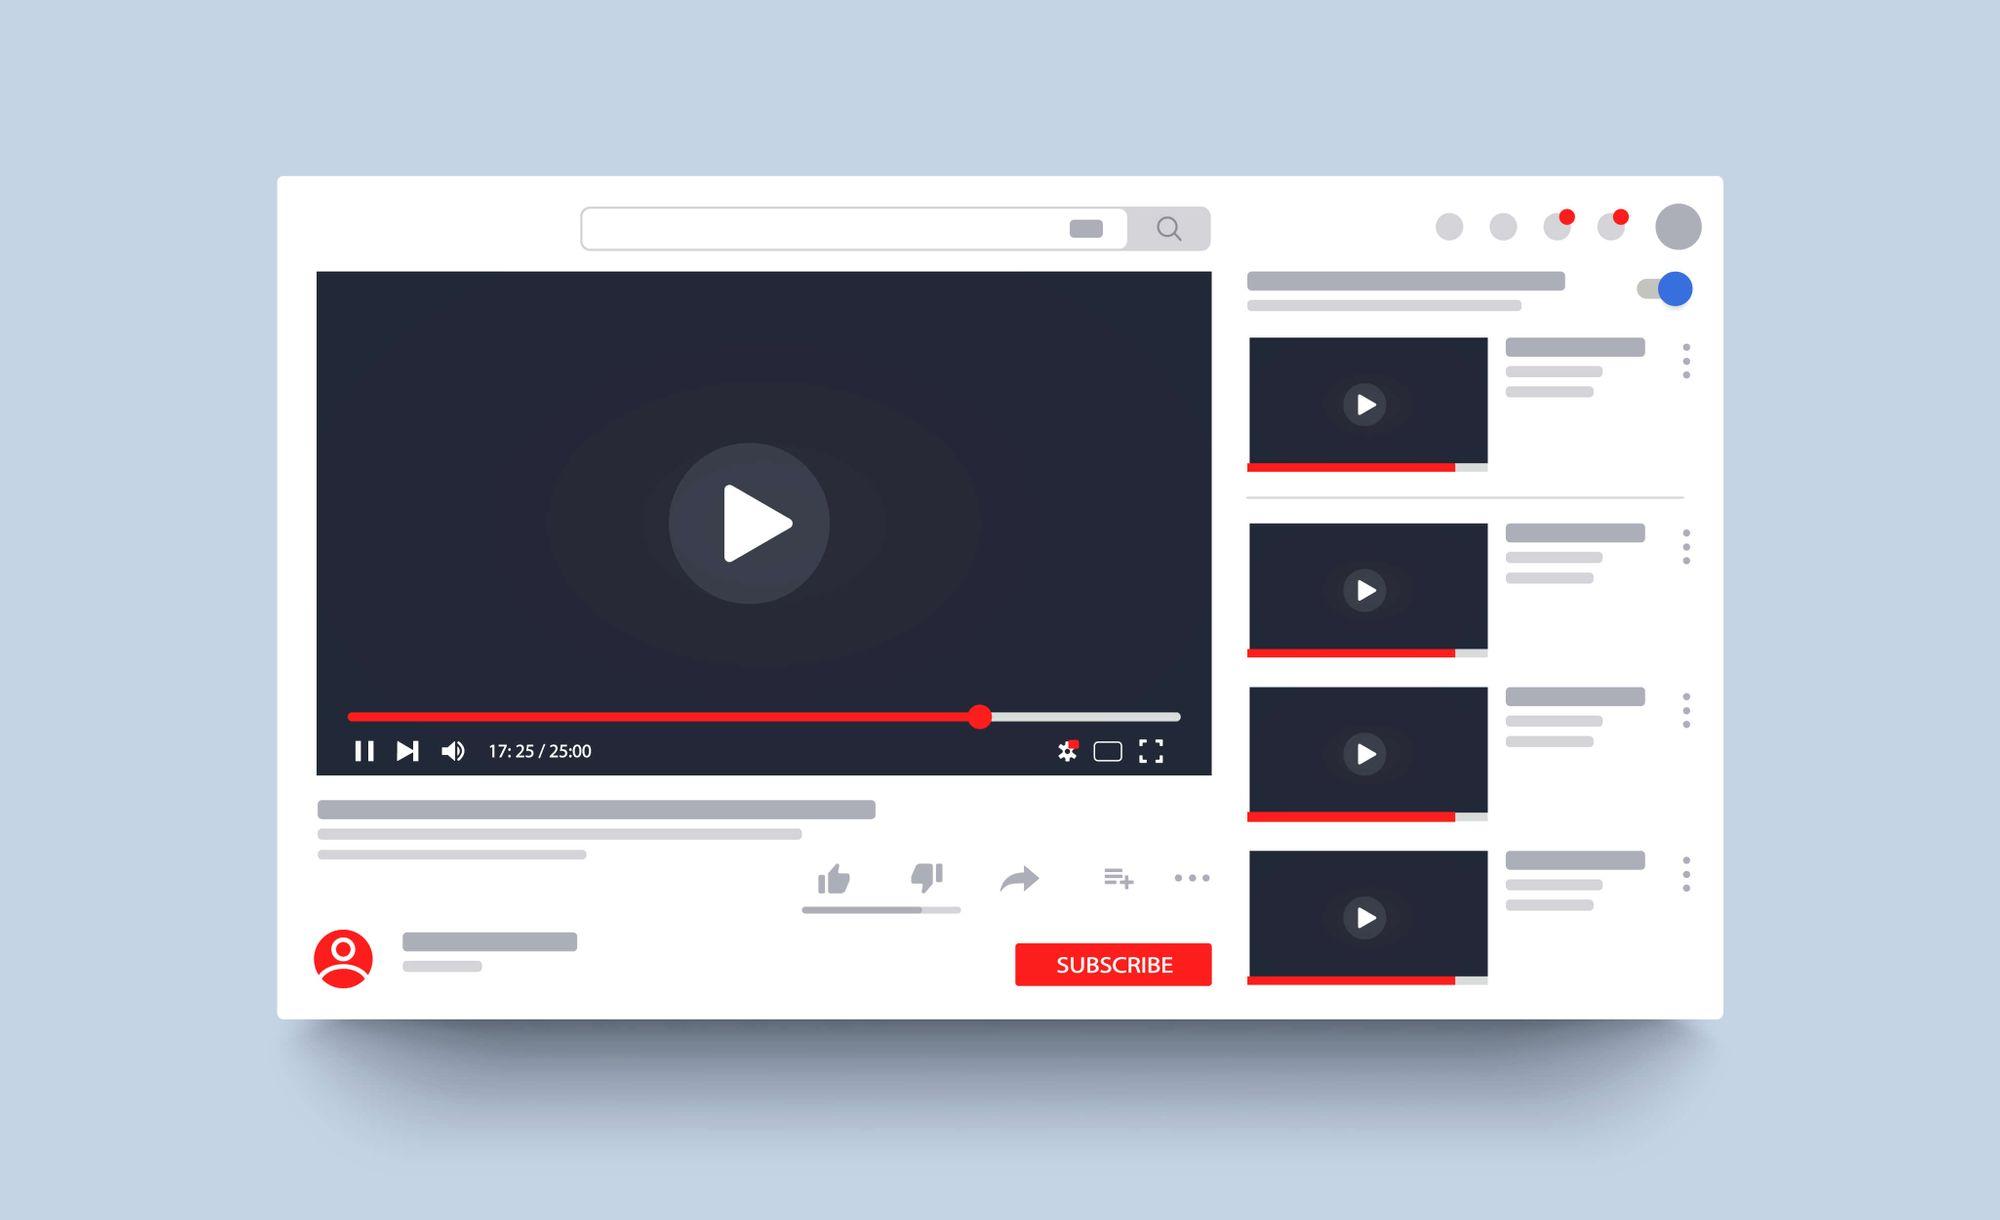 अपने खुद के यूट्यूब चैनल की शुरुआत कैसे करें? कैसे चुने सटीक टॉपिक जिसे लोग पसंद करें और होगा मुनाफ़ा?